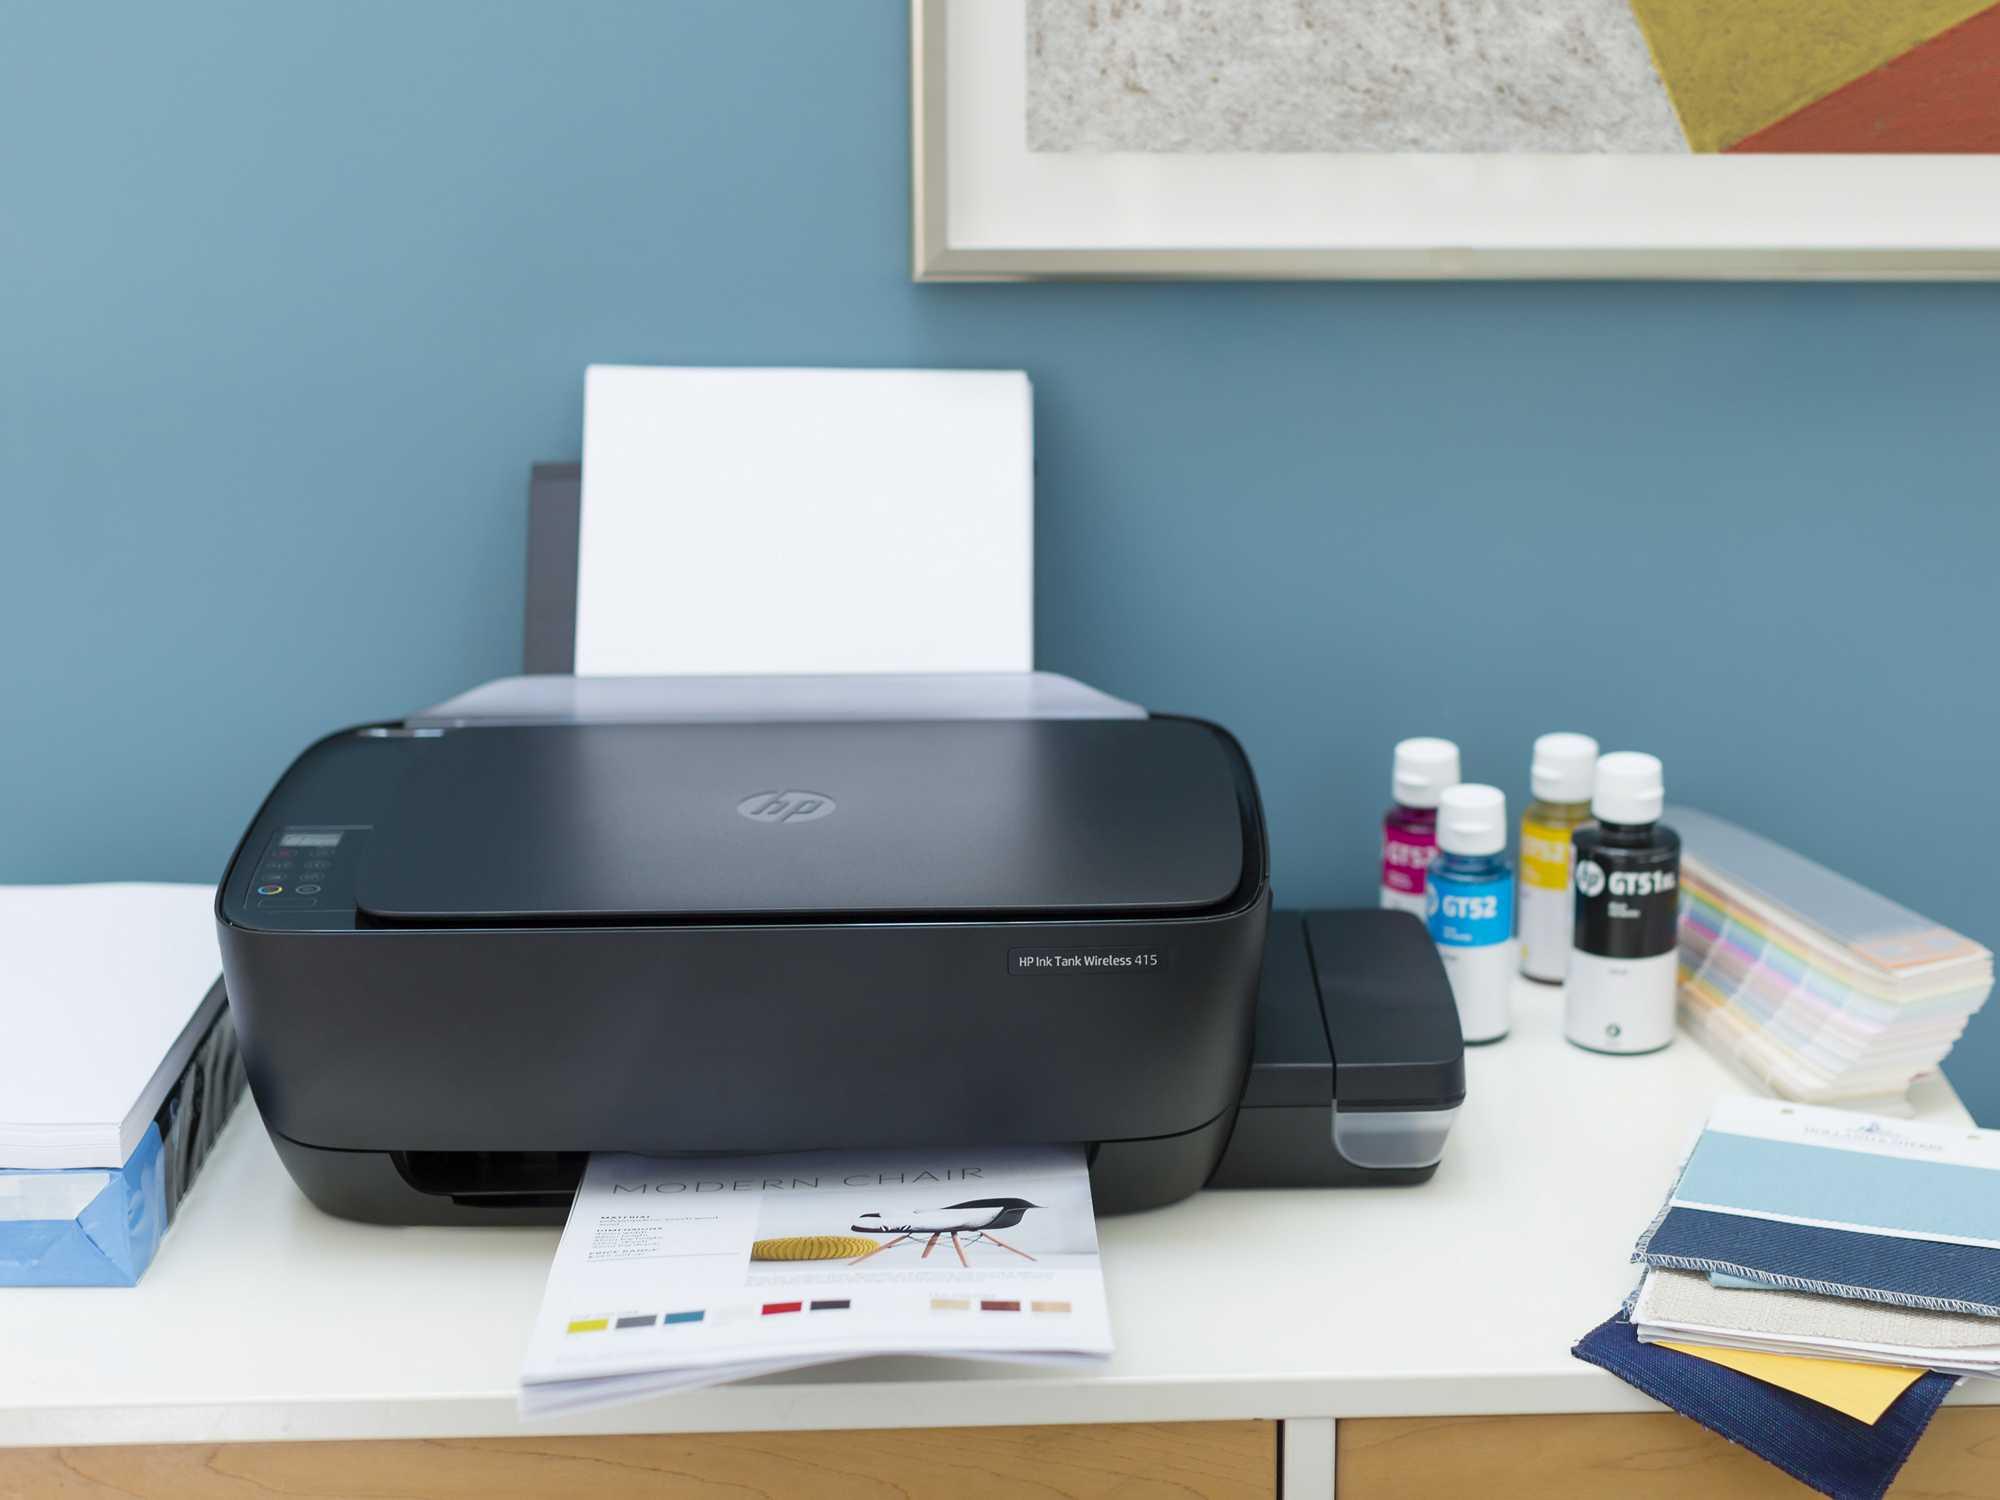 HP PRINTER INK TANK 415 - InkJet Printer for sale - Multi